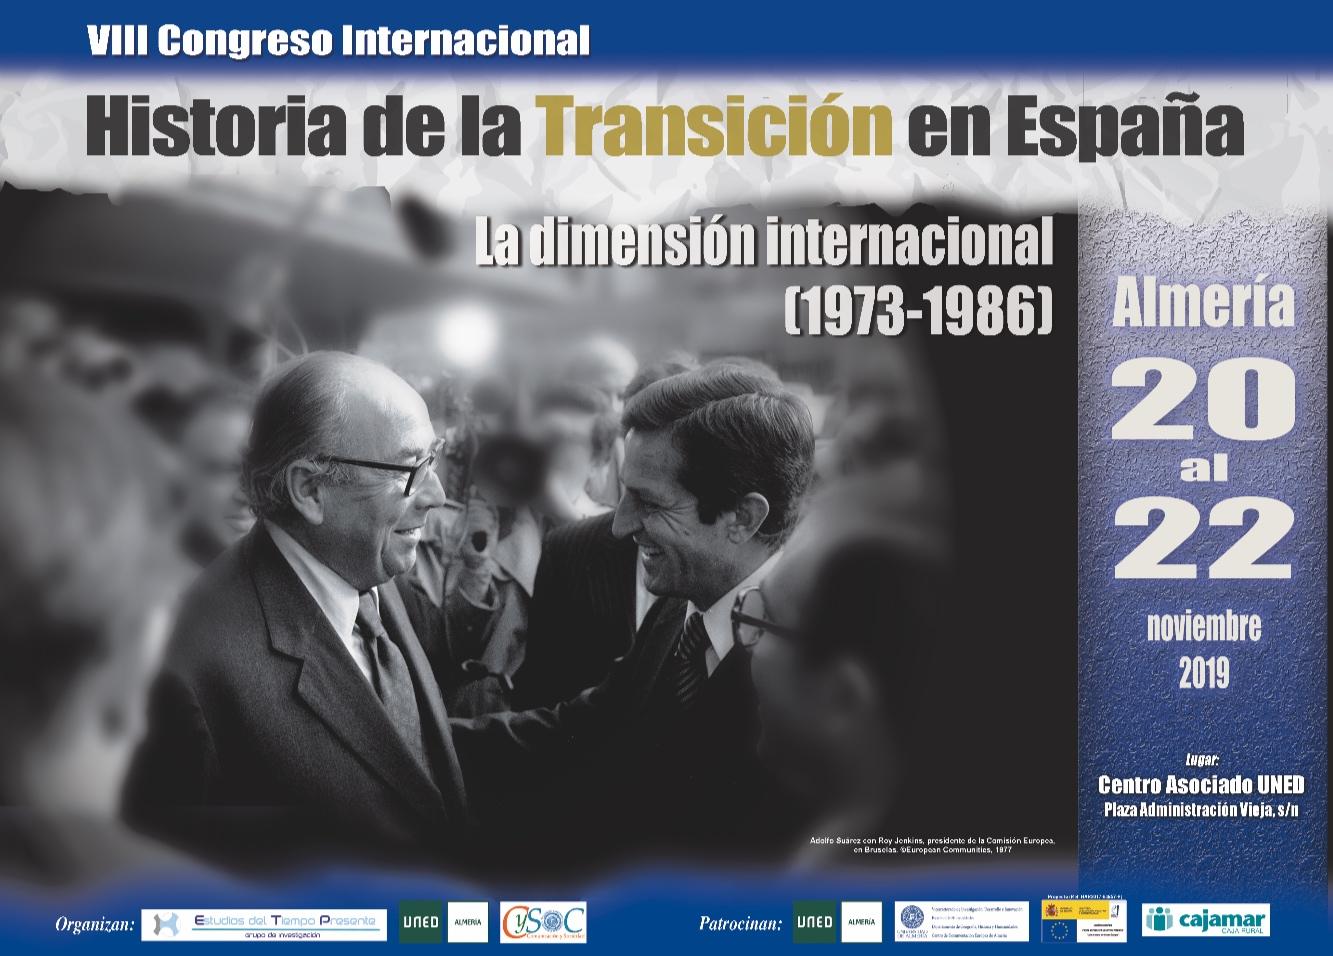 Imagen de VIII Congreso